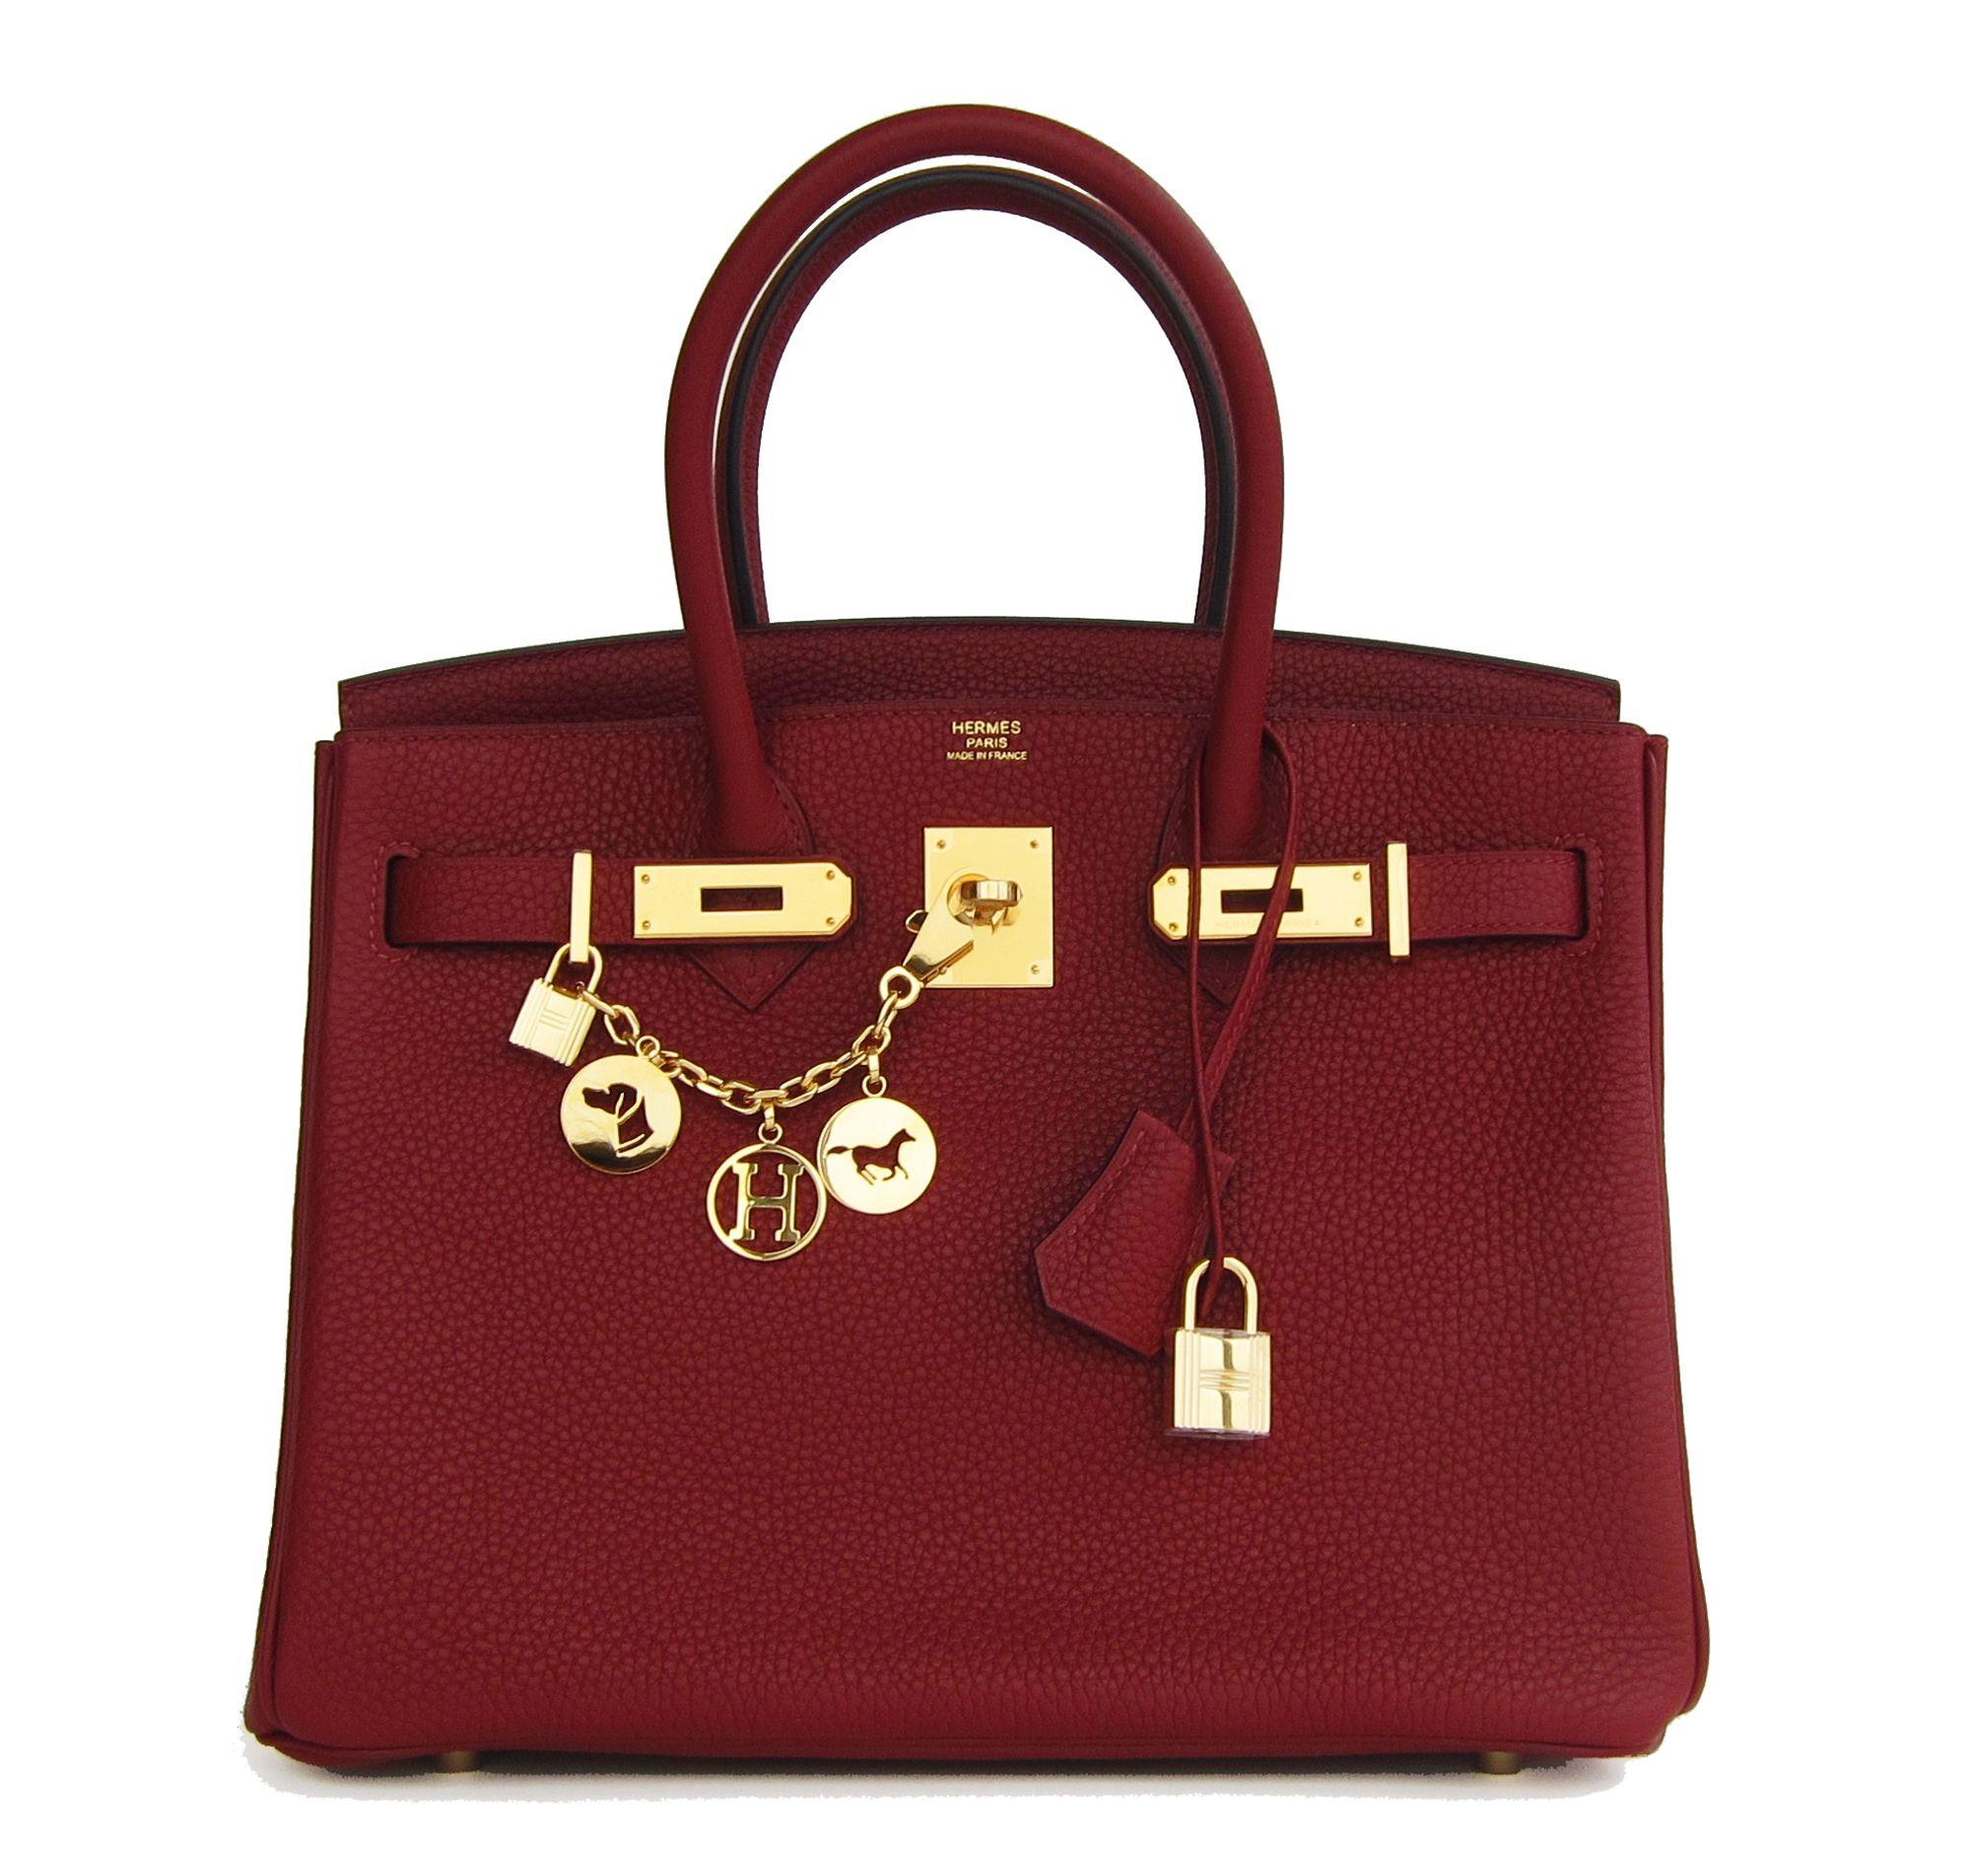 Hermes Birkin Bag Rouge H 30cm Clemence Gold Hardware  hermes ... dc4518b5391c0